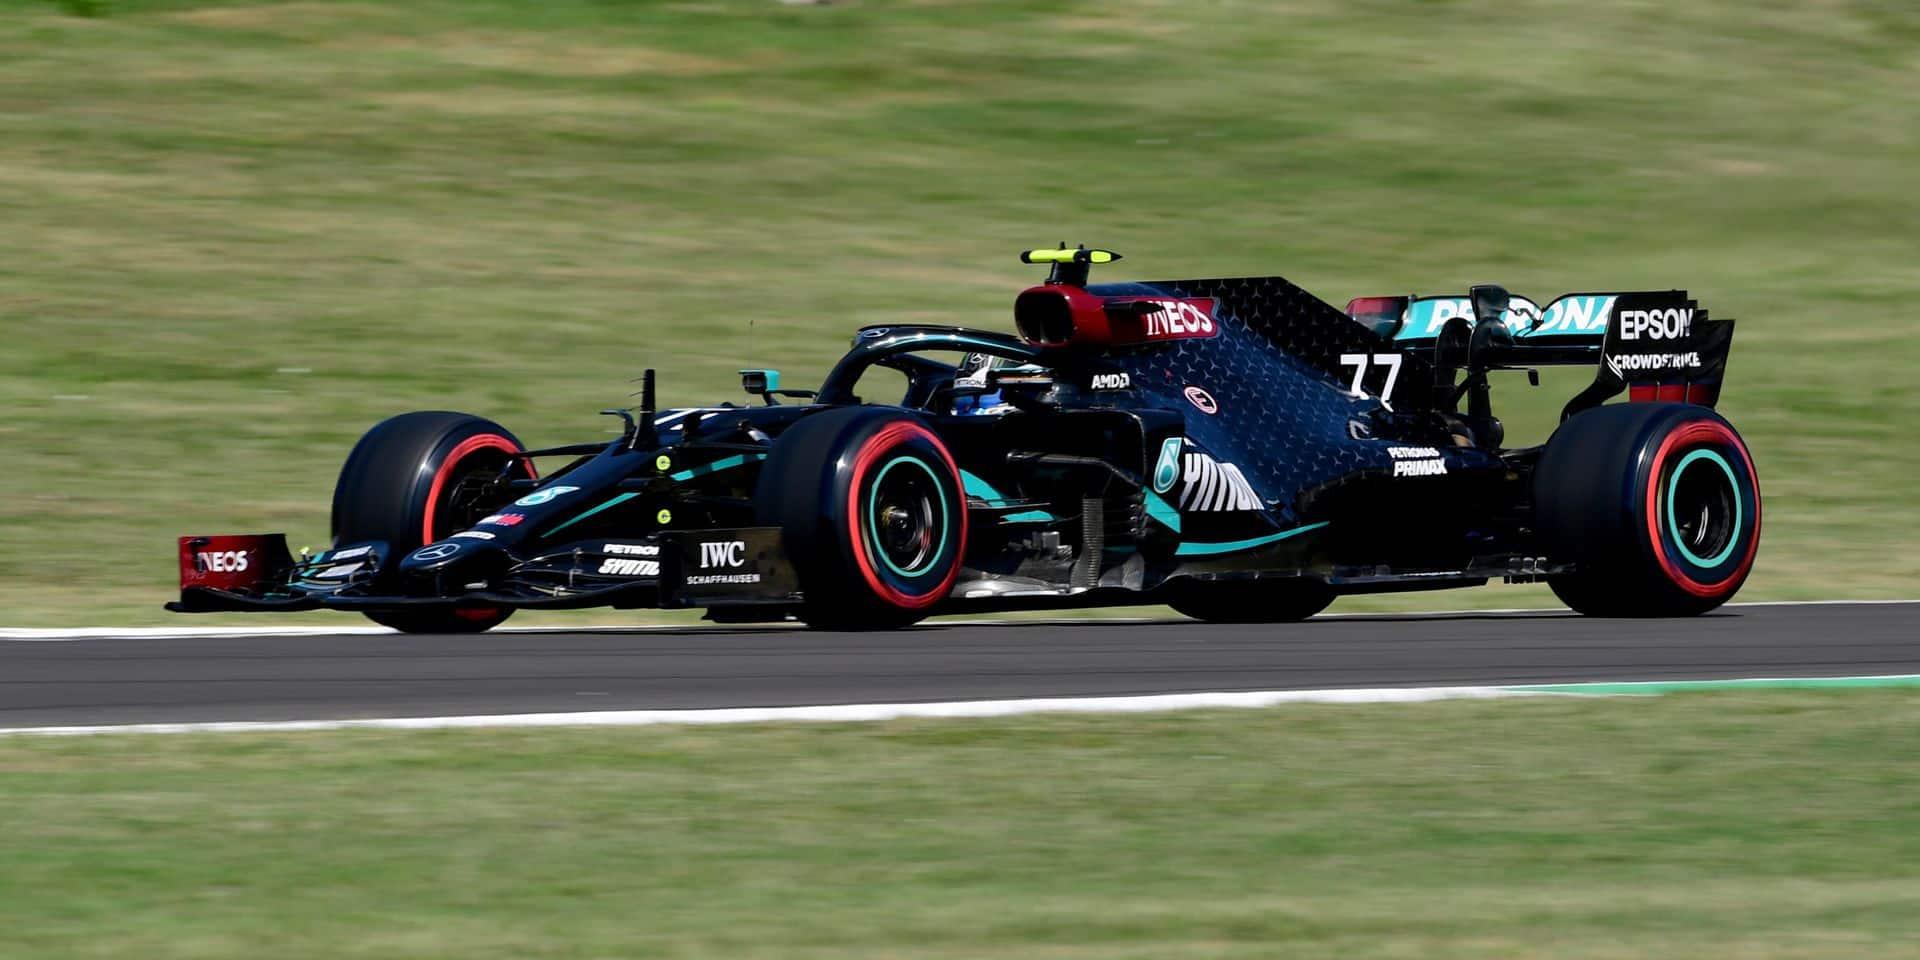 GP de Toscane EL3: Verstappen s'intercale entre les deux Mercedes de Bottas et Hamilton